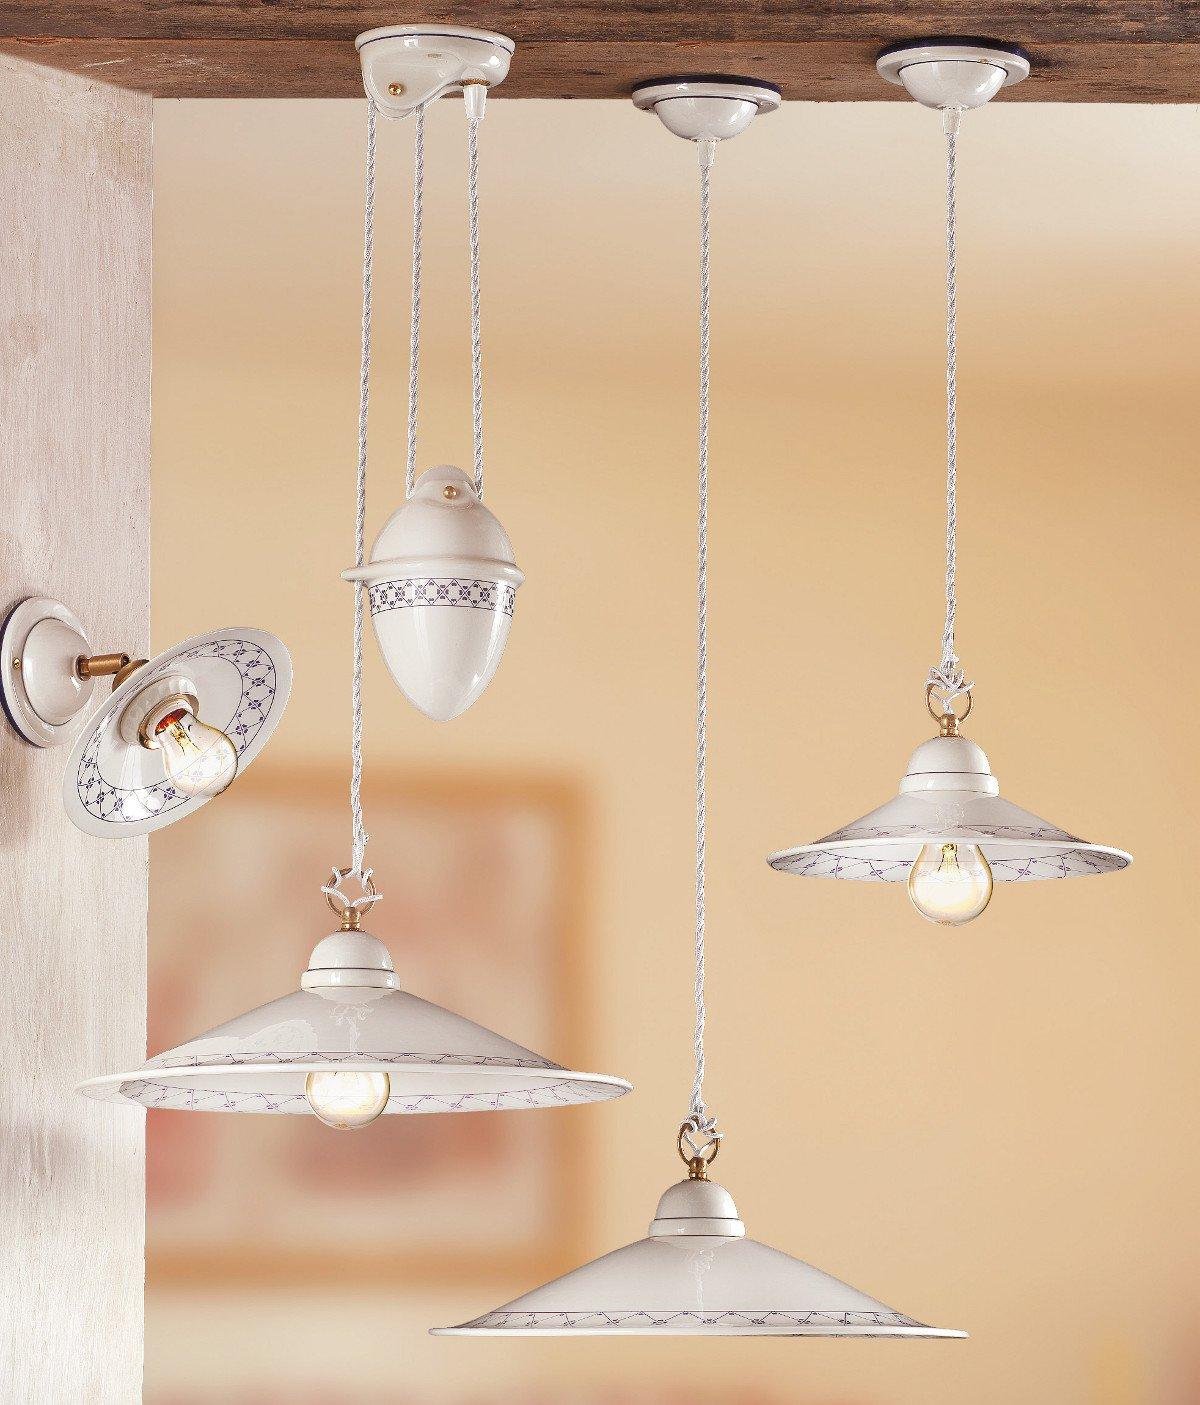 nostalgische pendelleuchte mit keramikschirm g nstig kaufen bei lampen suntinger shop. Black Bedroom Furniture Sets. Home Design Ideas